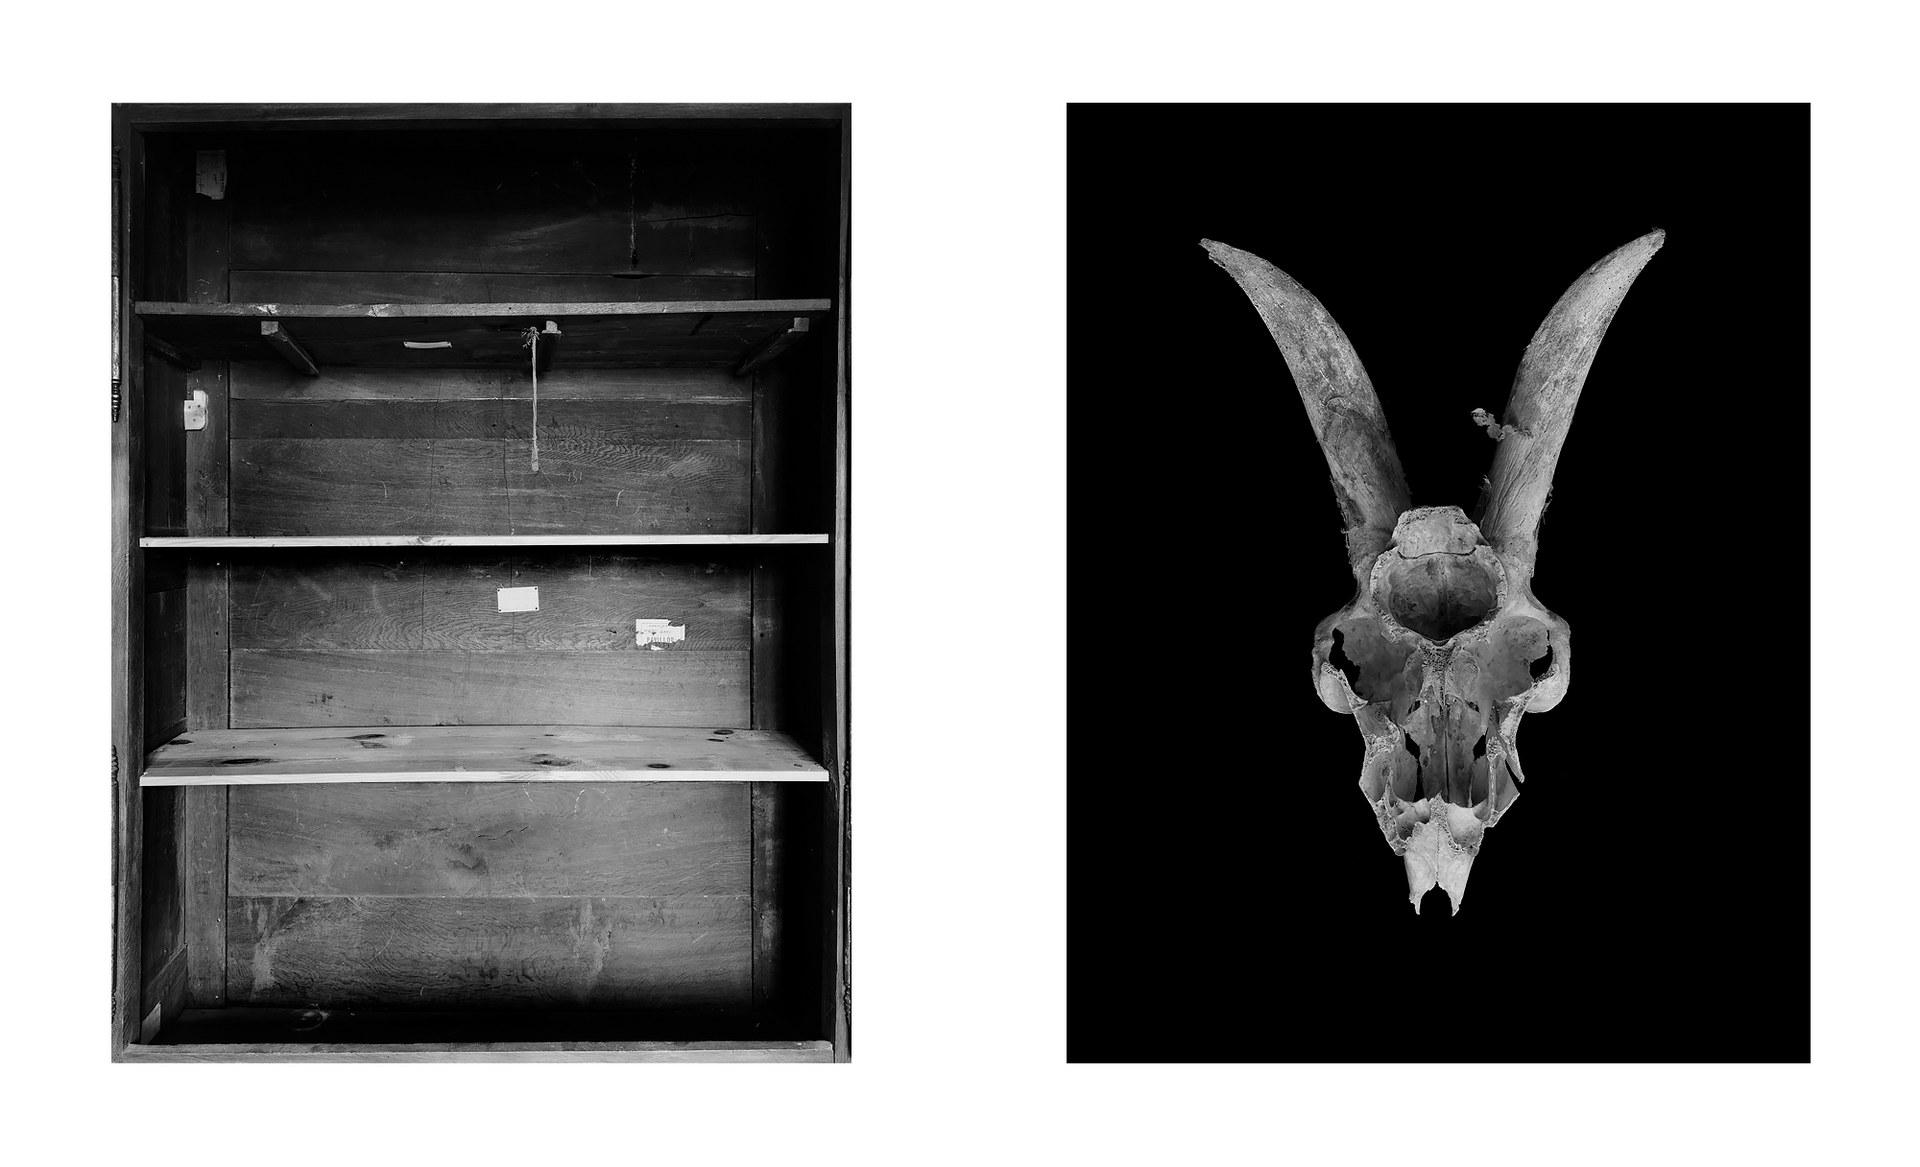 Shelves, 2021 + Skull, 2021